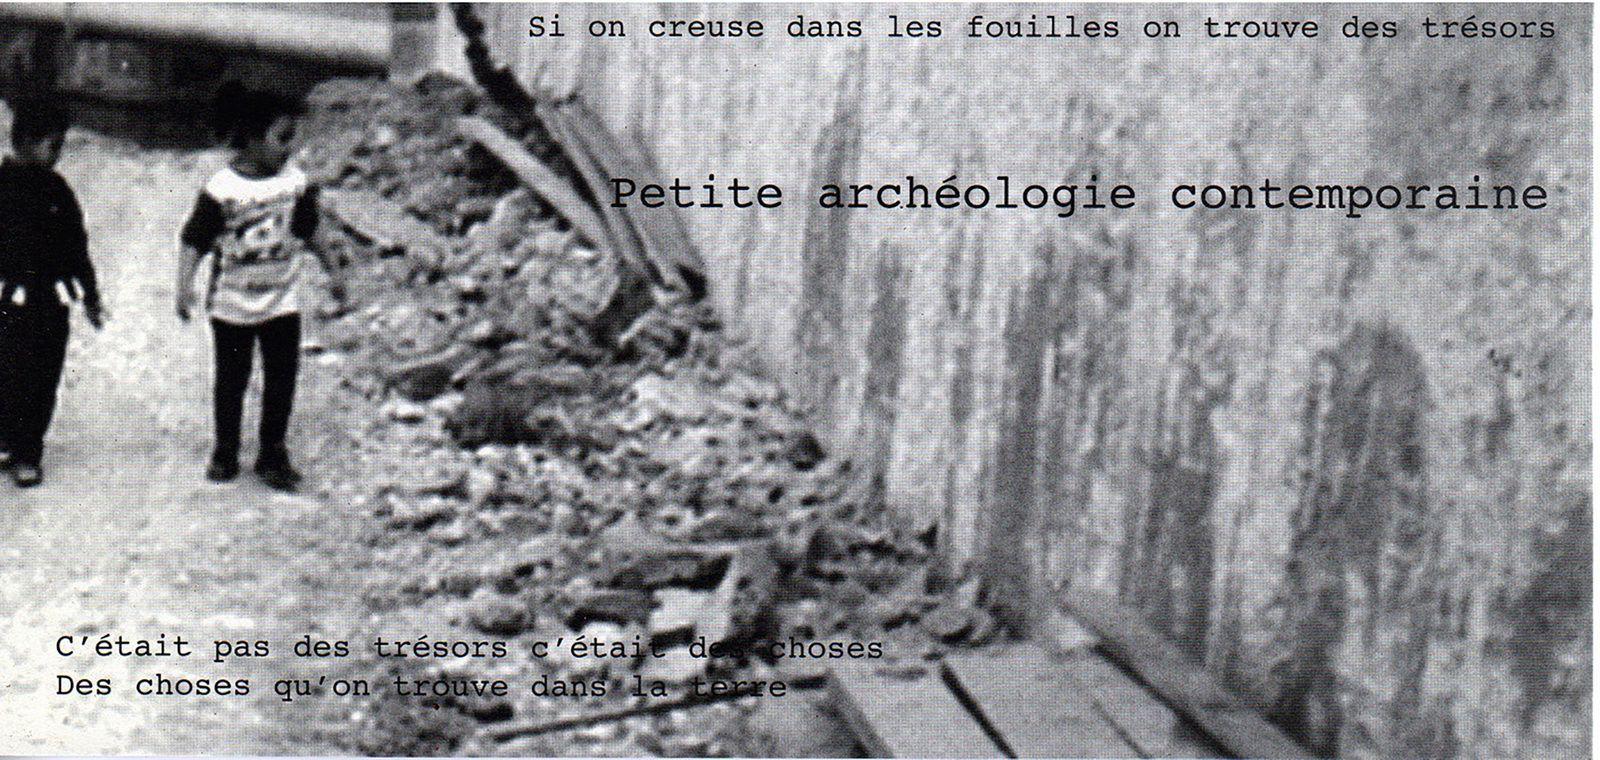 Petite archéologie contemporaine. 1999-2004.